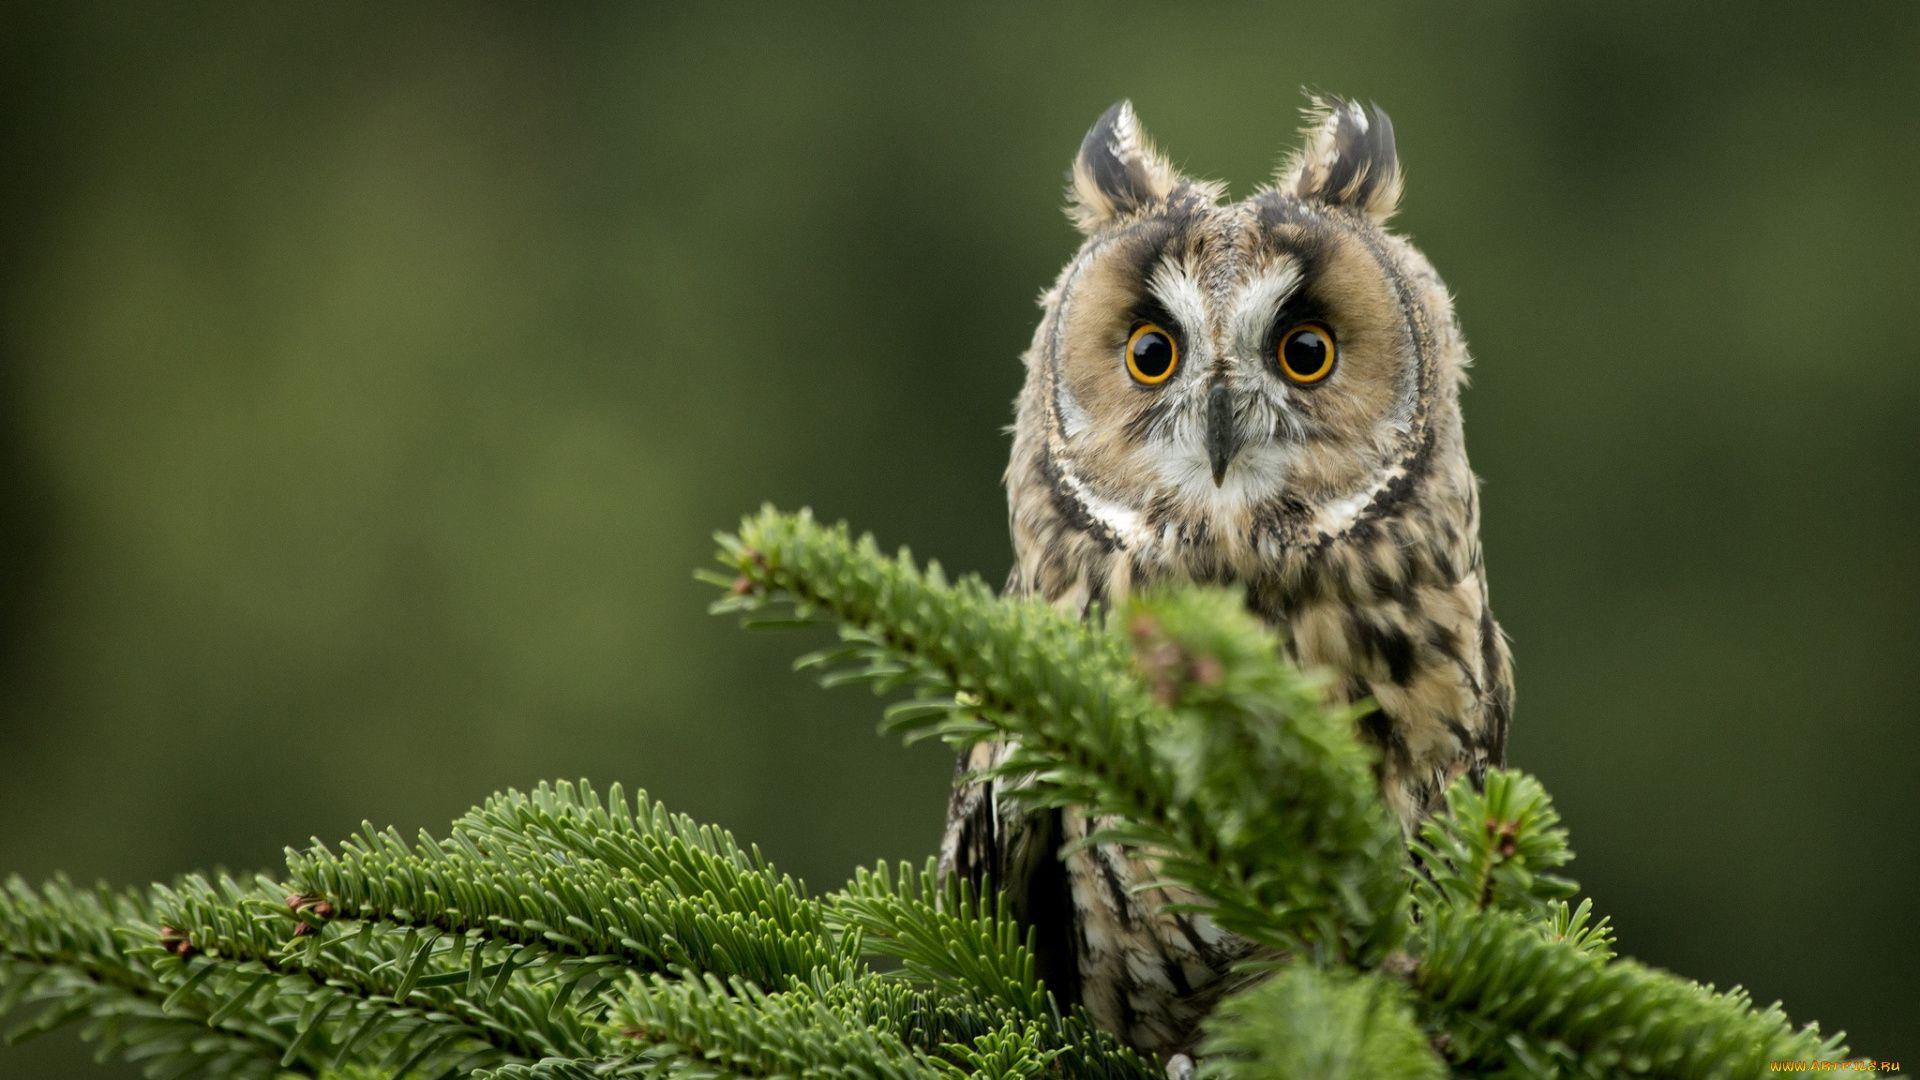 Owl Desktop 1920x1080